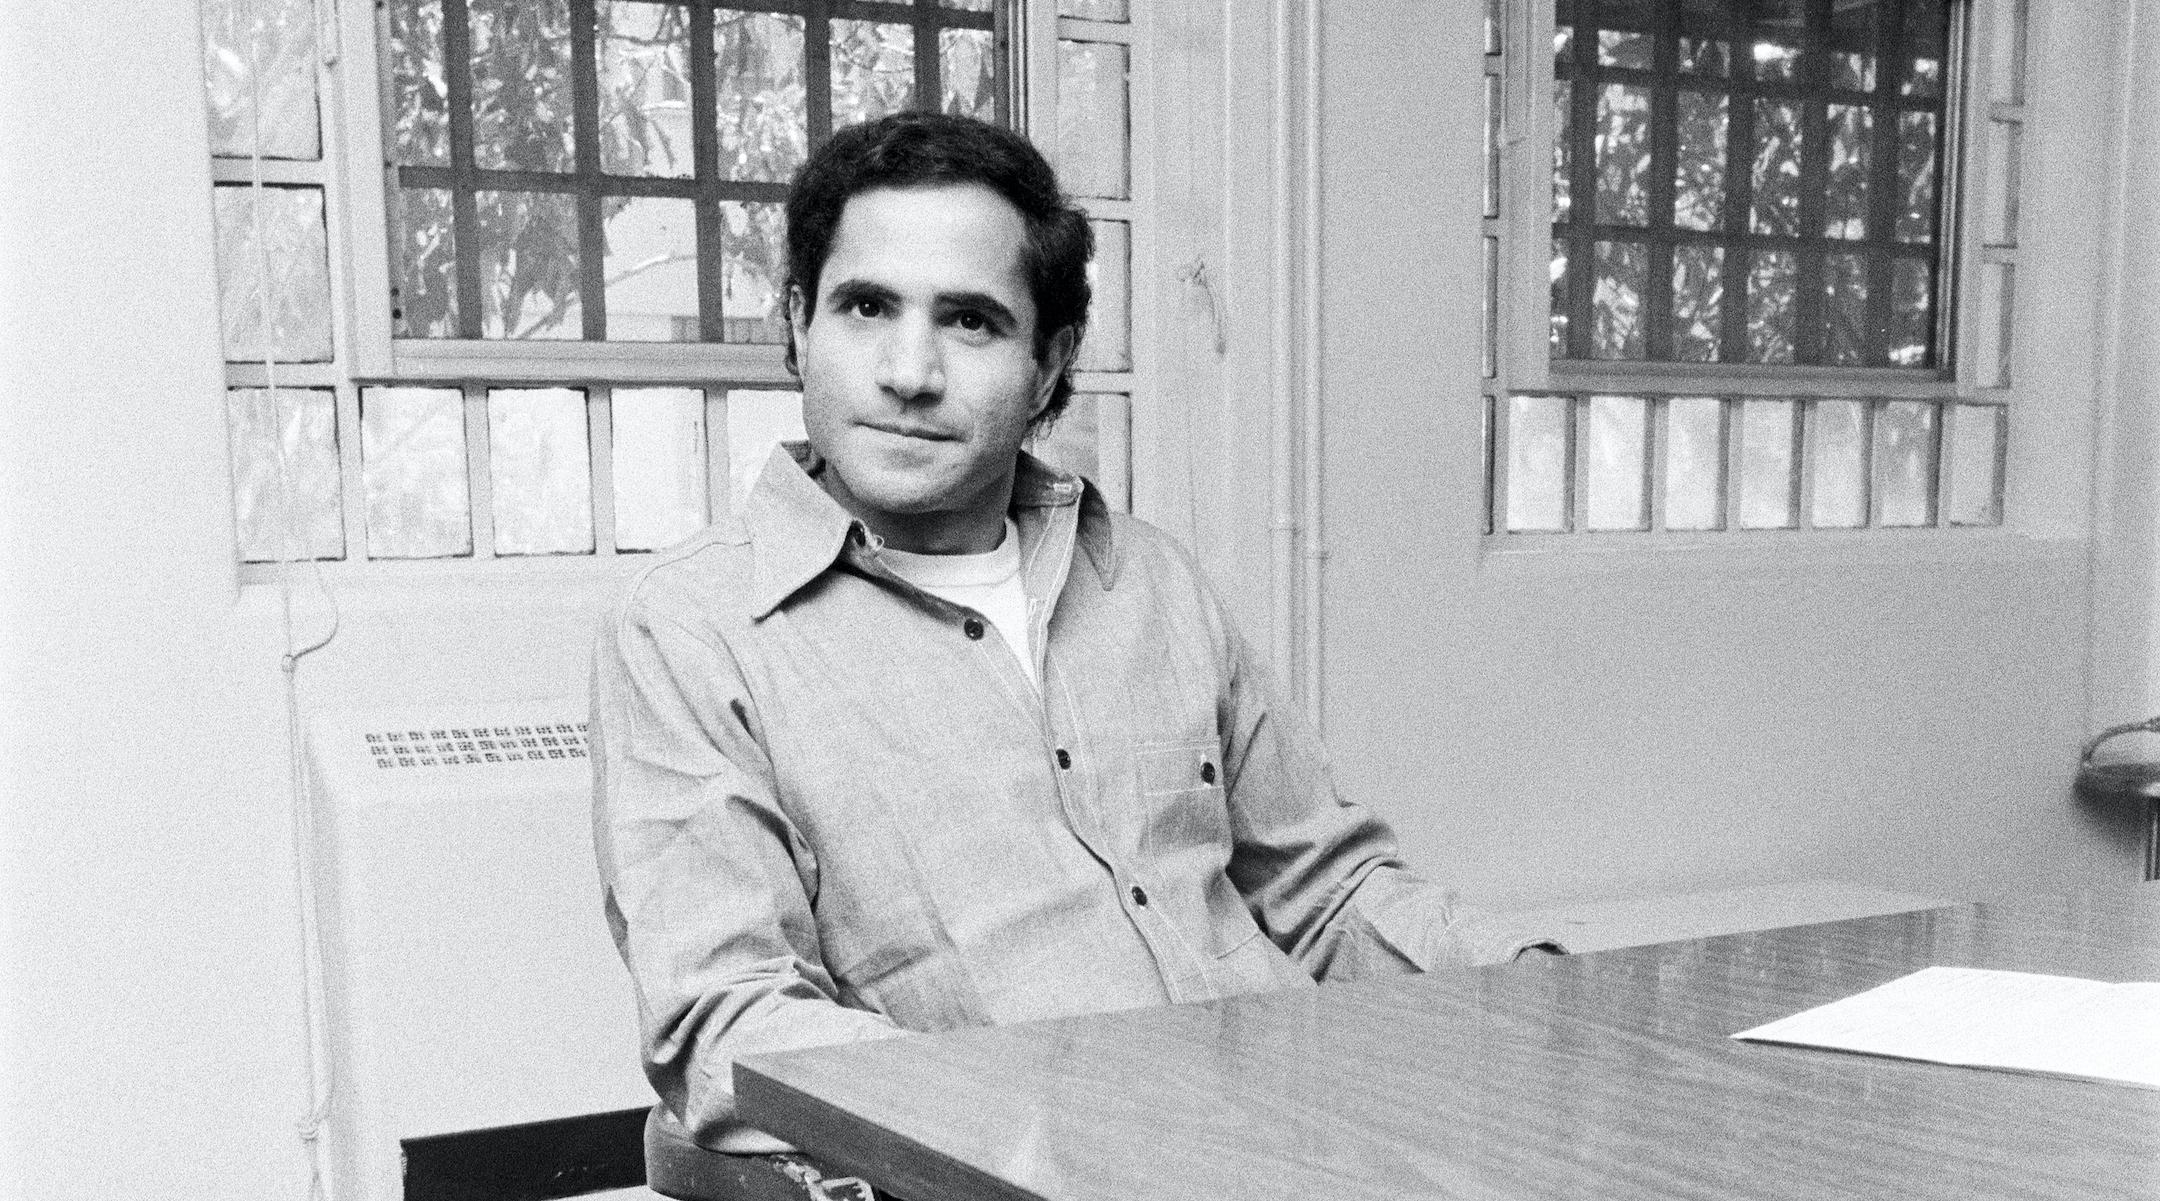 Sirhan Sirhan in 1979.